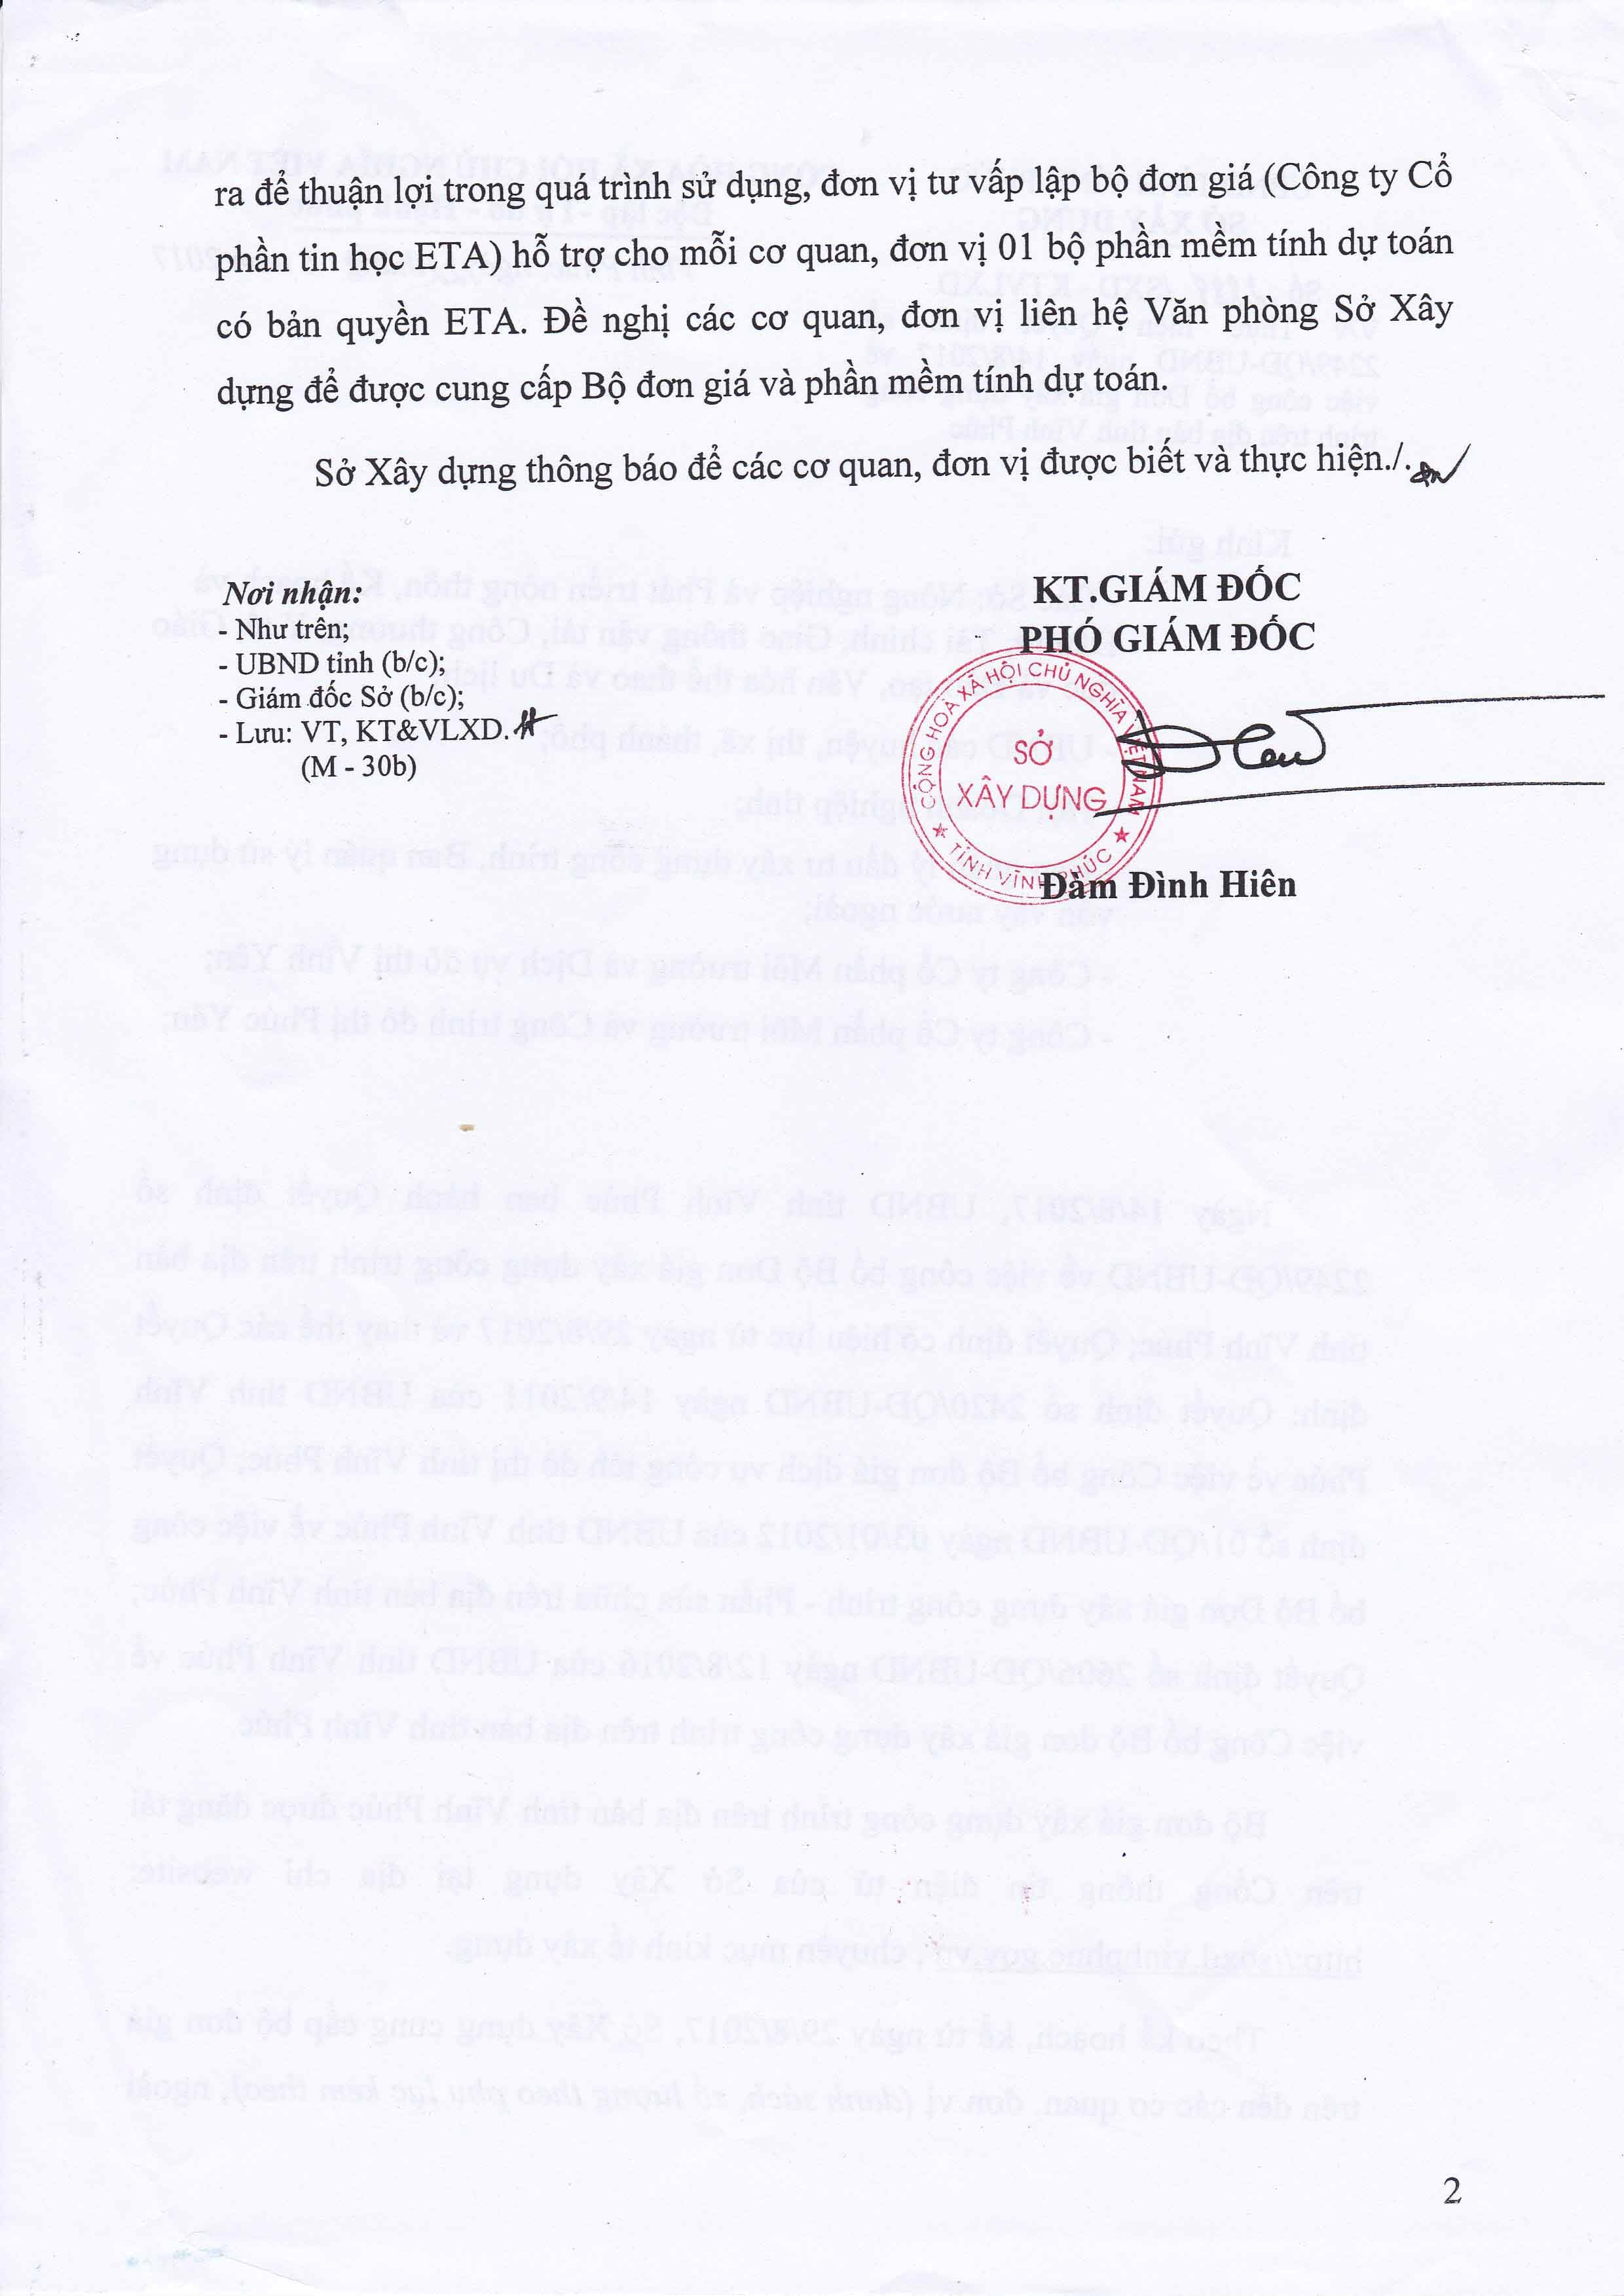 Đơn giá XDCT tỉnh Vĩnh Phúc theo Quyết định 2249/QĐ-UBND